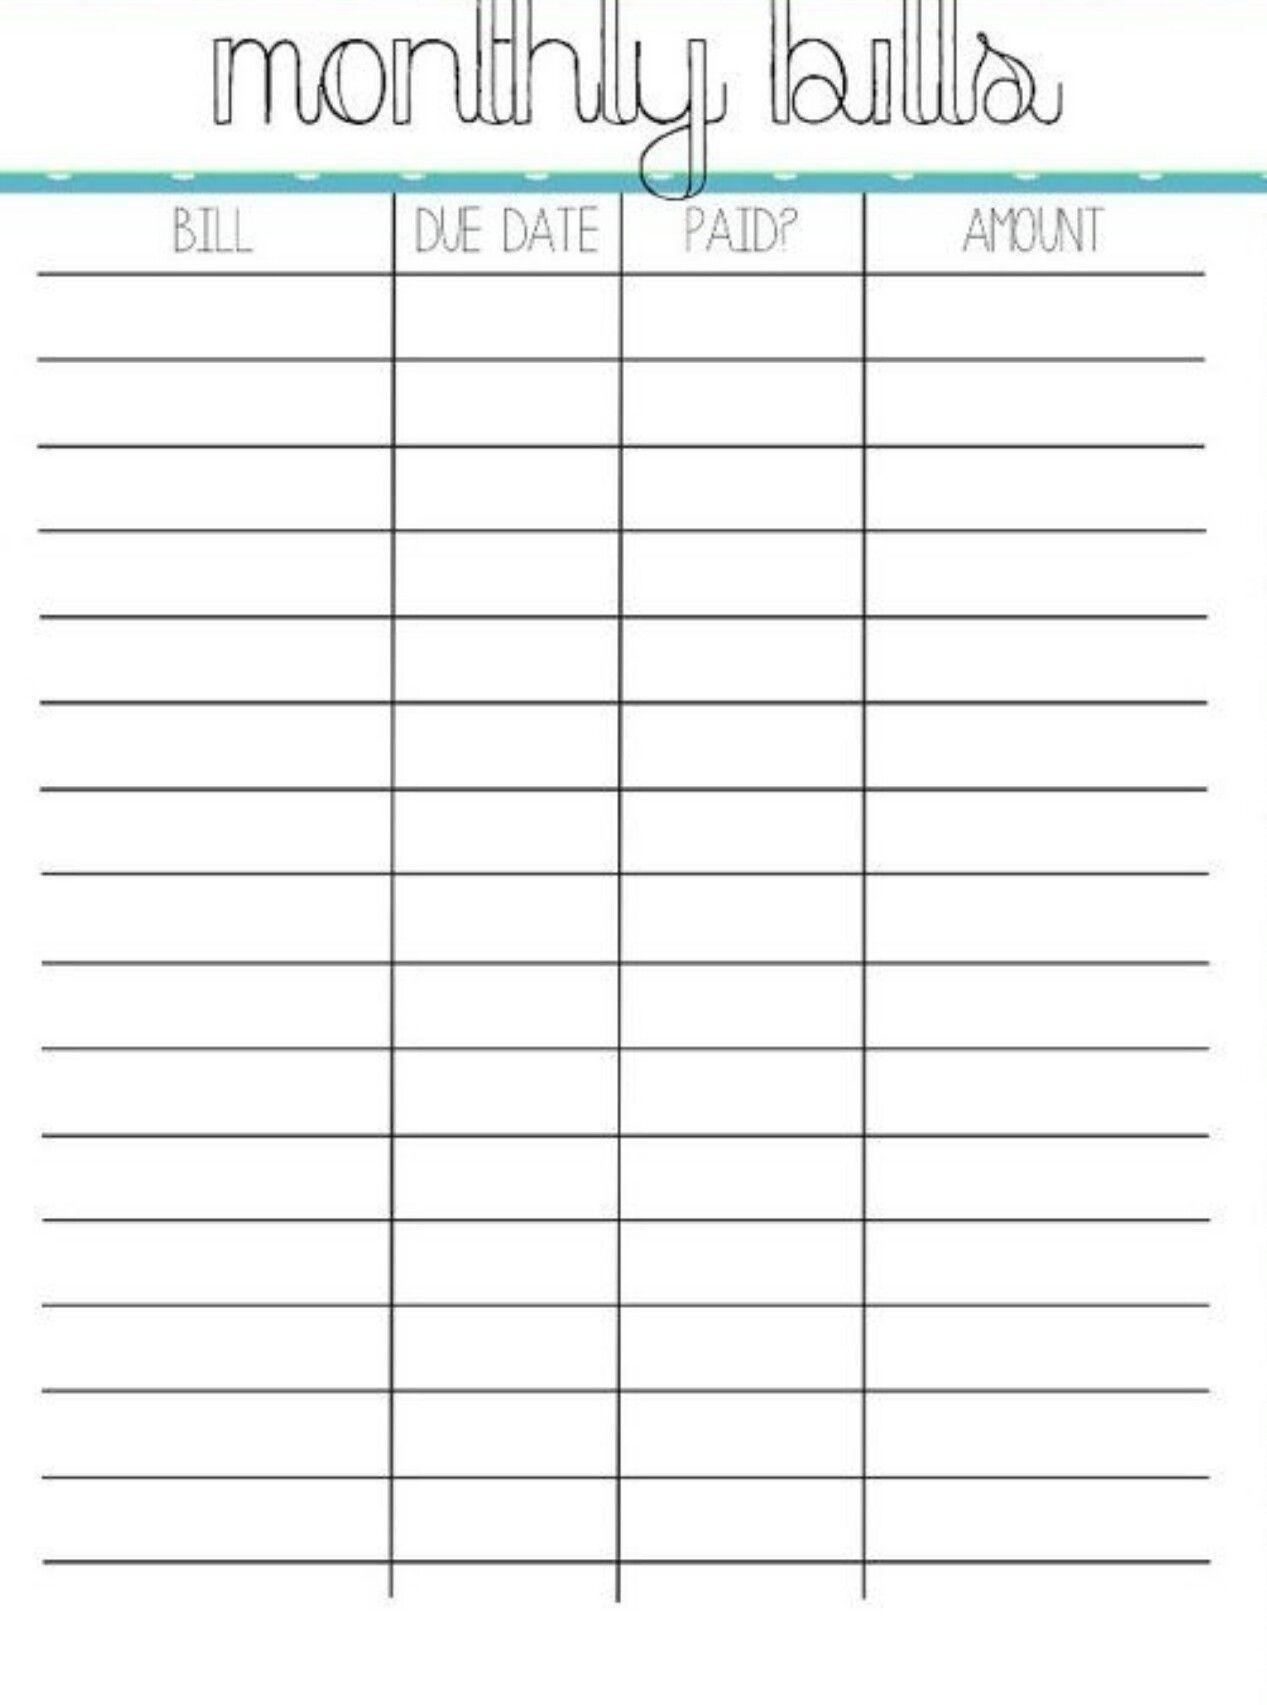 Blank Monthly Bill Payment Worksheet   Calendar Template  Bill Payment Worksheet